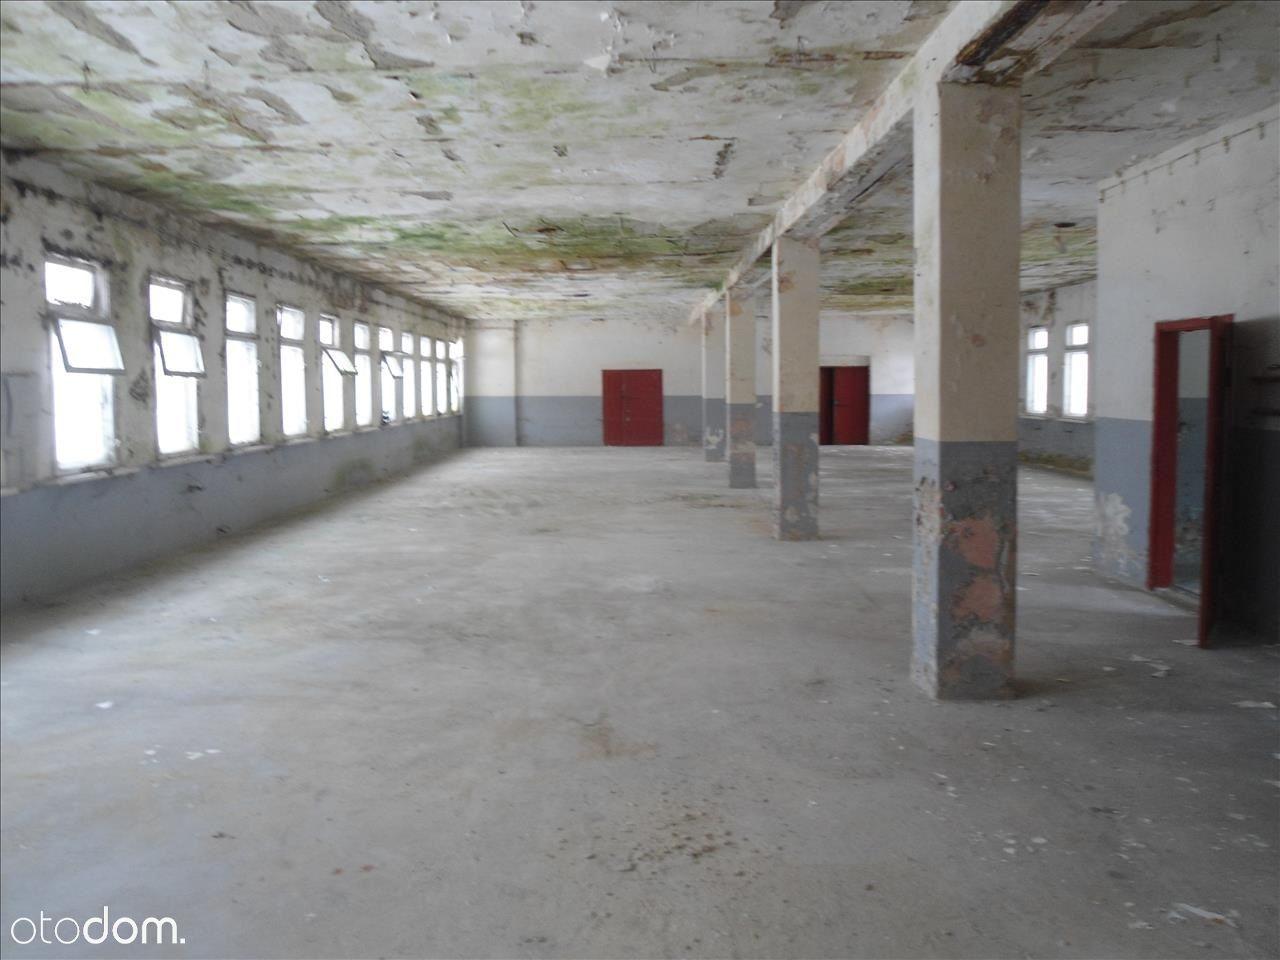 Lokal użytkowy na sprzedaż, Lewin Kłodzki, kłodzki, dolnośląskie - Foto 8